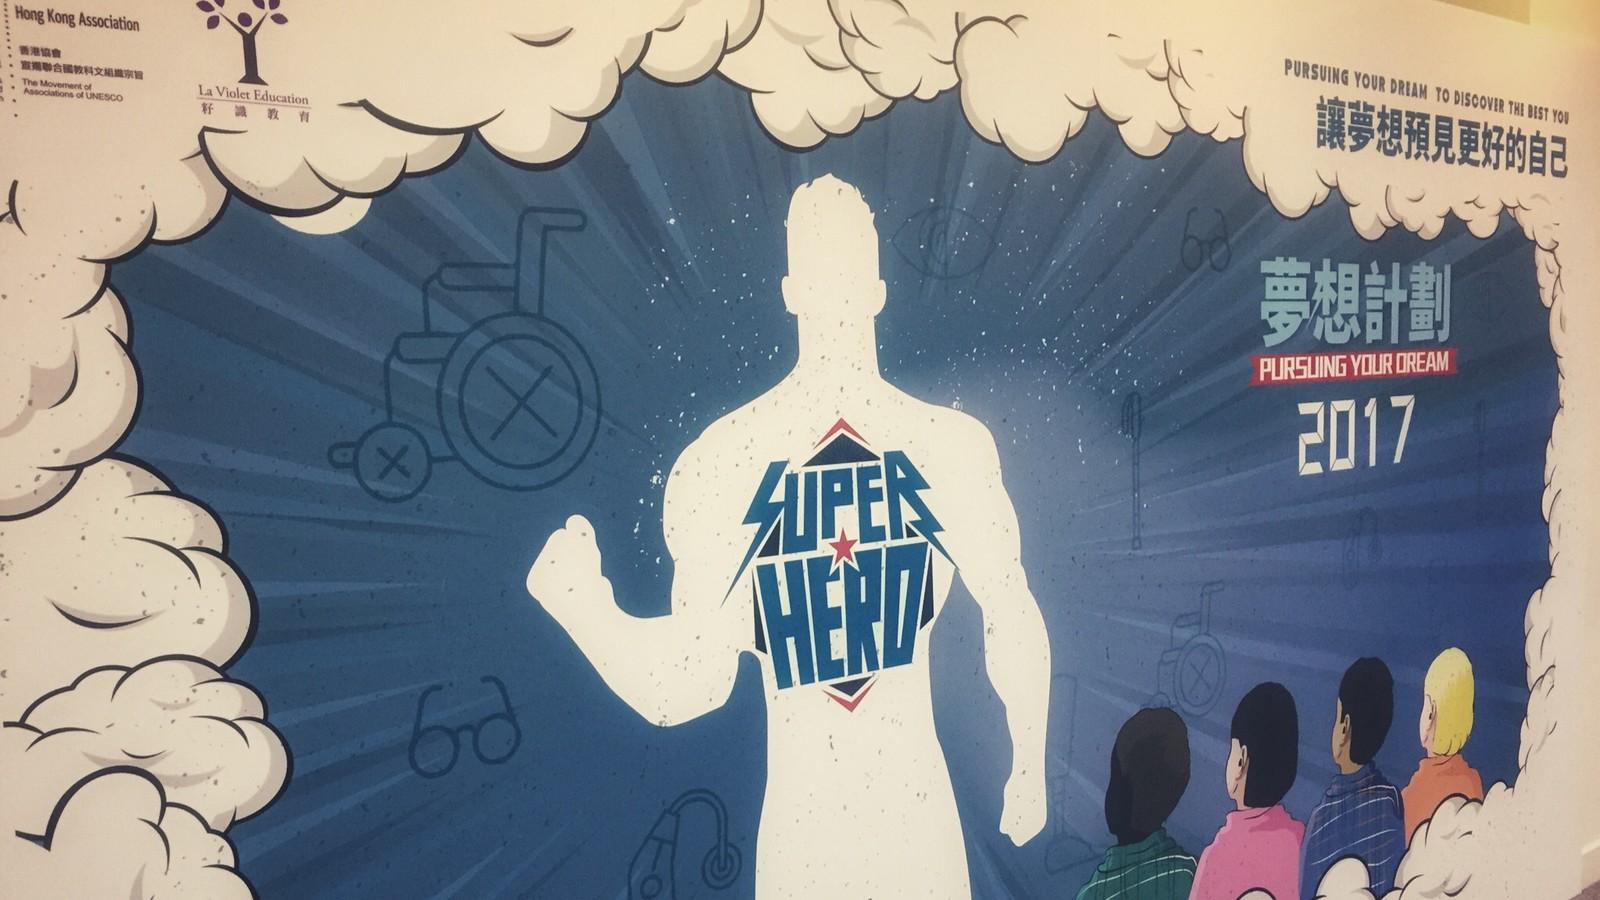 遇見SuperHero夢想領航員